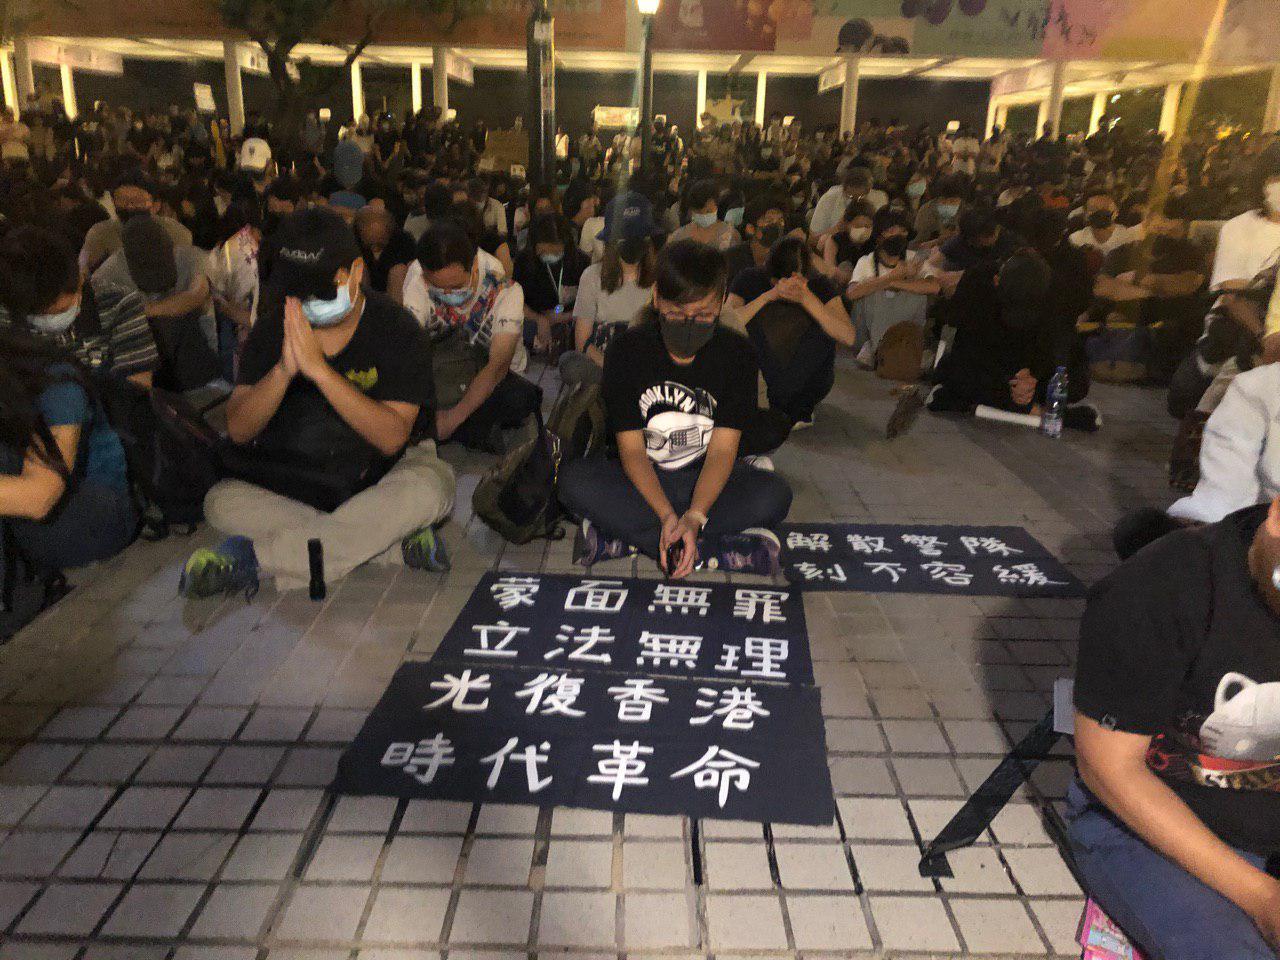 抗爭者展出「(禁)蒙面法無理」、「解散警隊」等內容的標語在地上。(梁珍/大紀元)